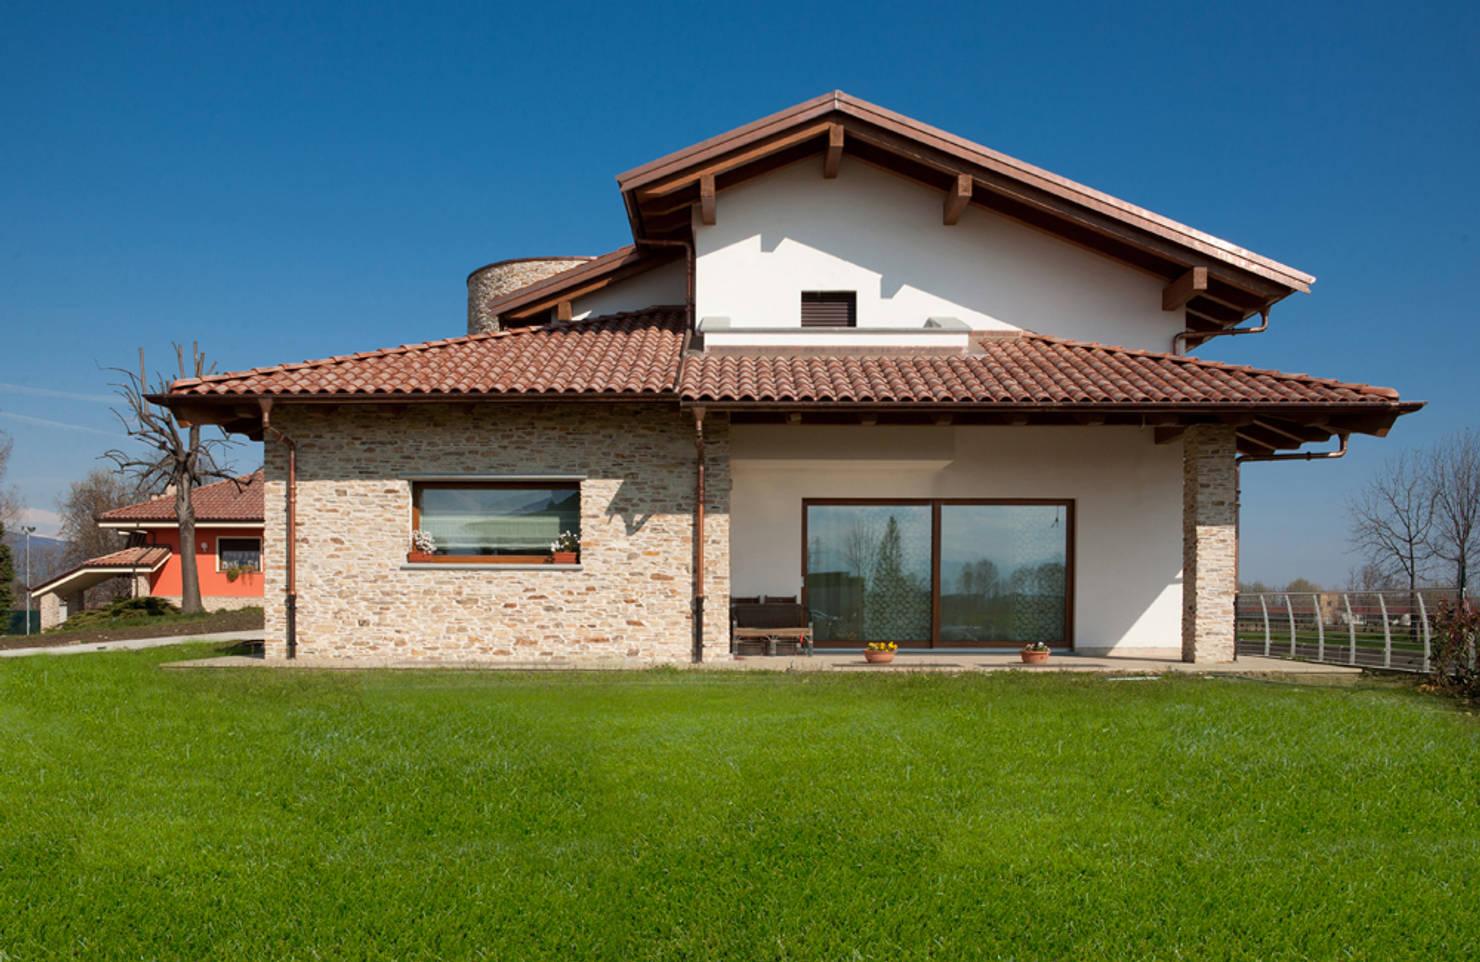 5 Tipos De Casas Lindas, Baratas e Fáceis De Serem Construídas